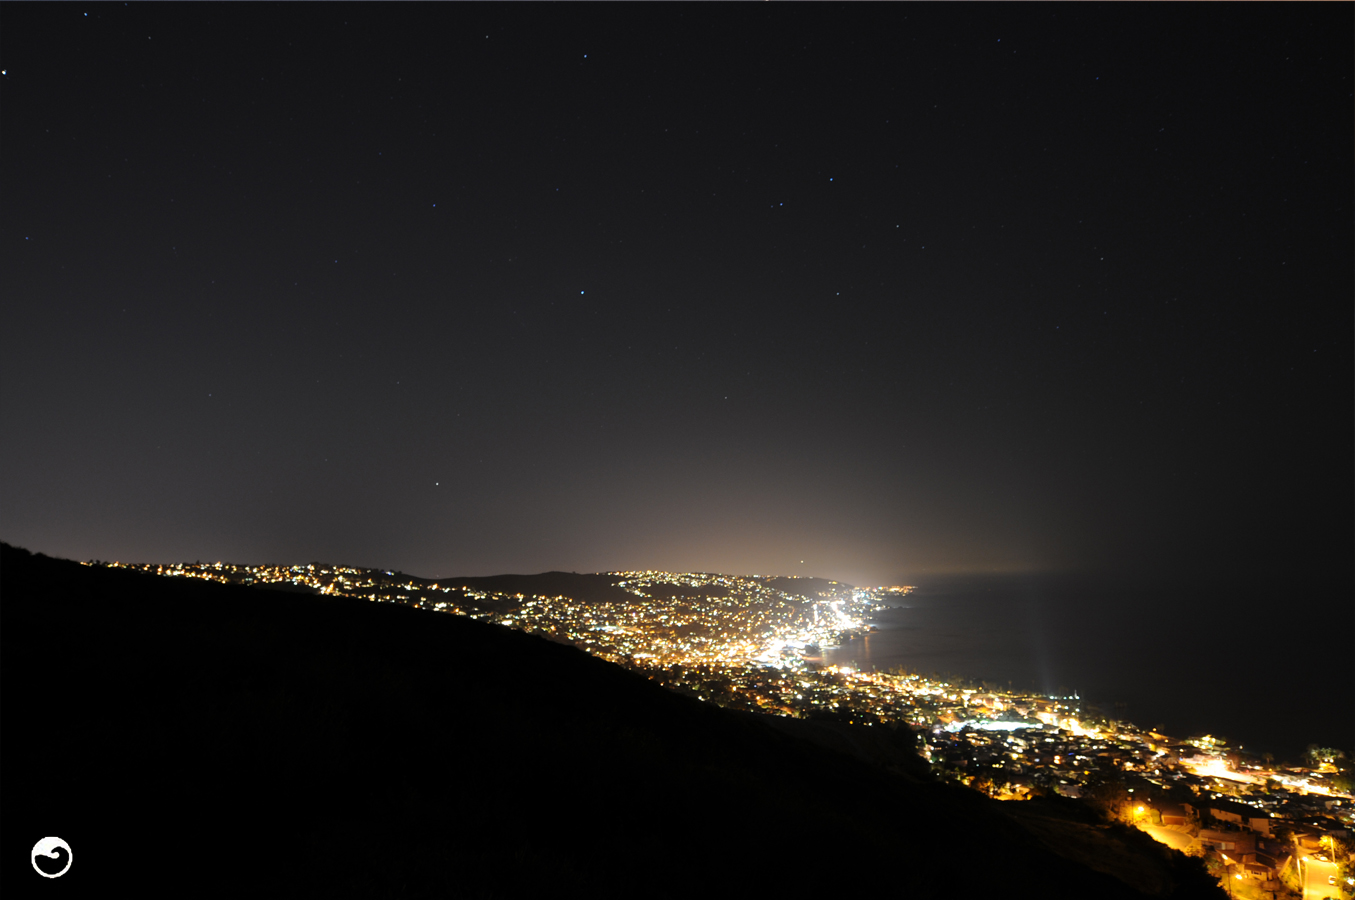 Laguna Beach At Night